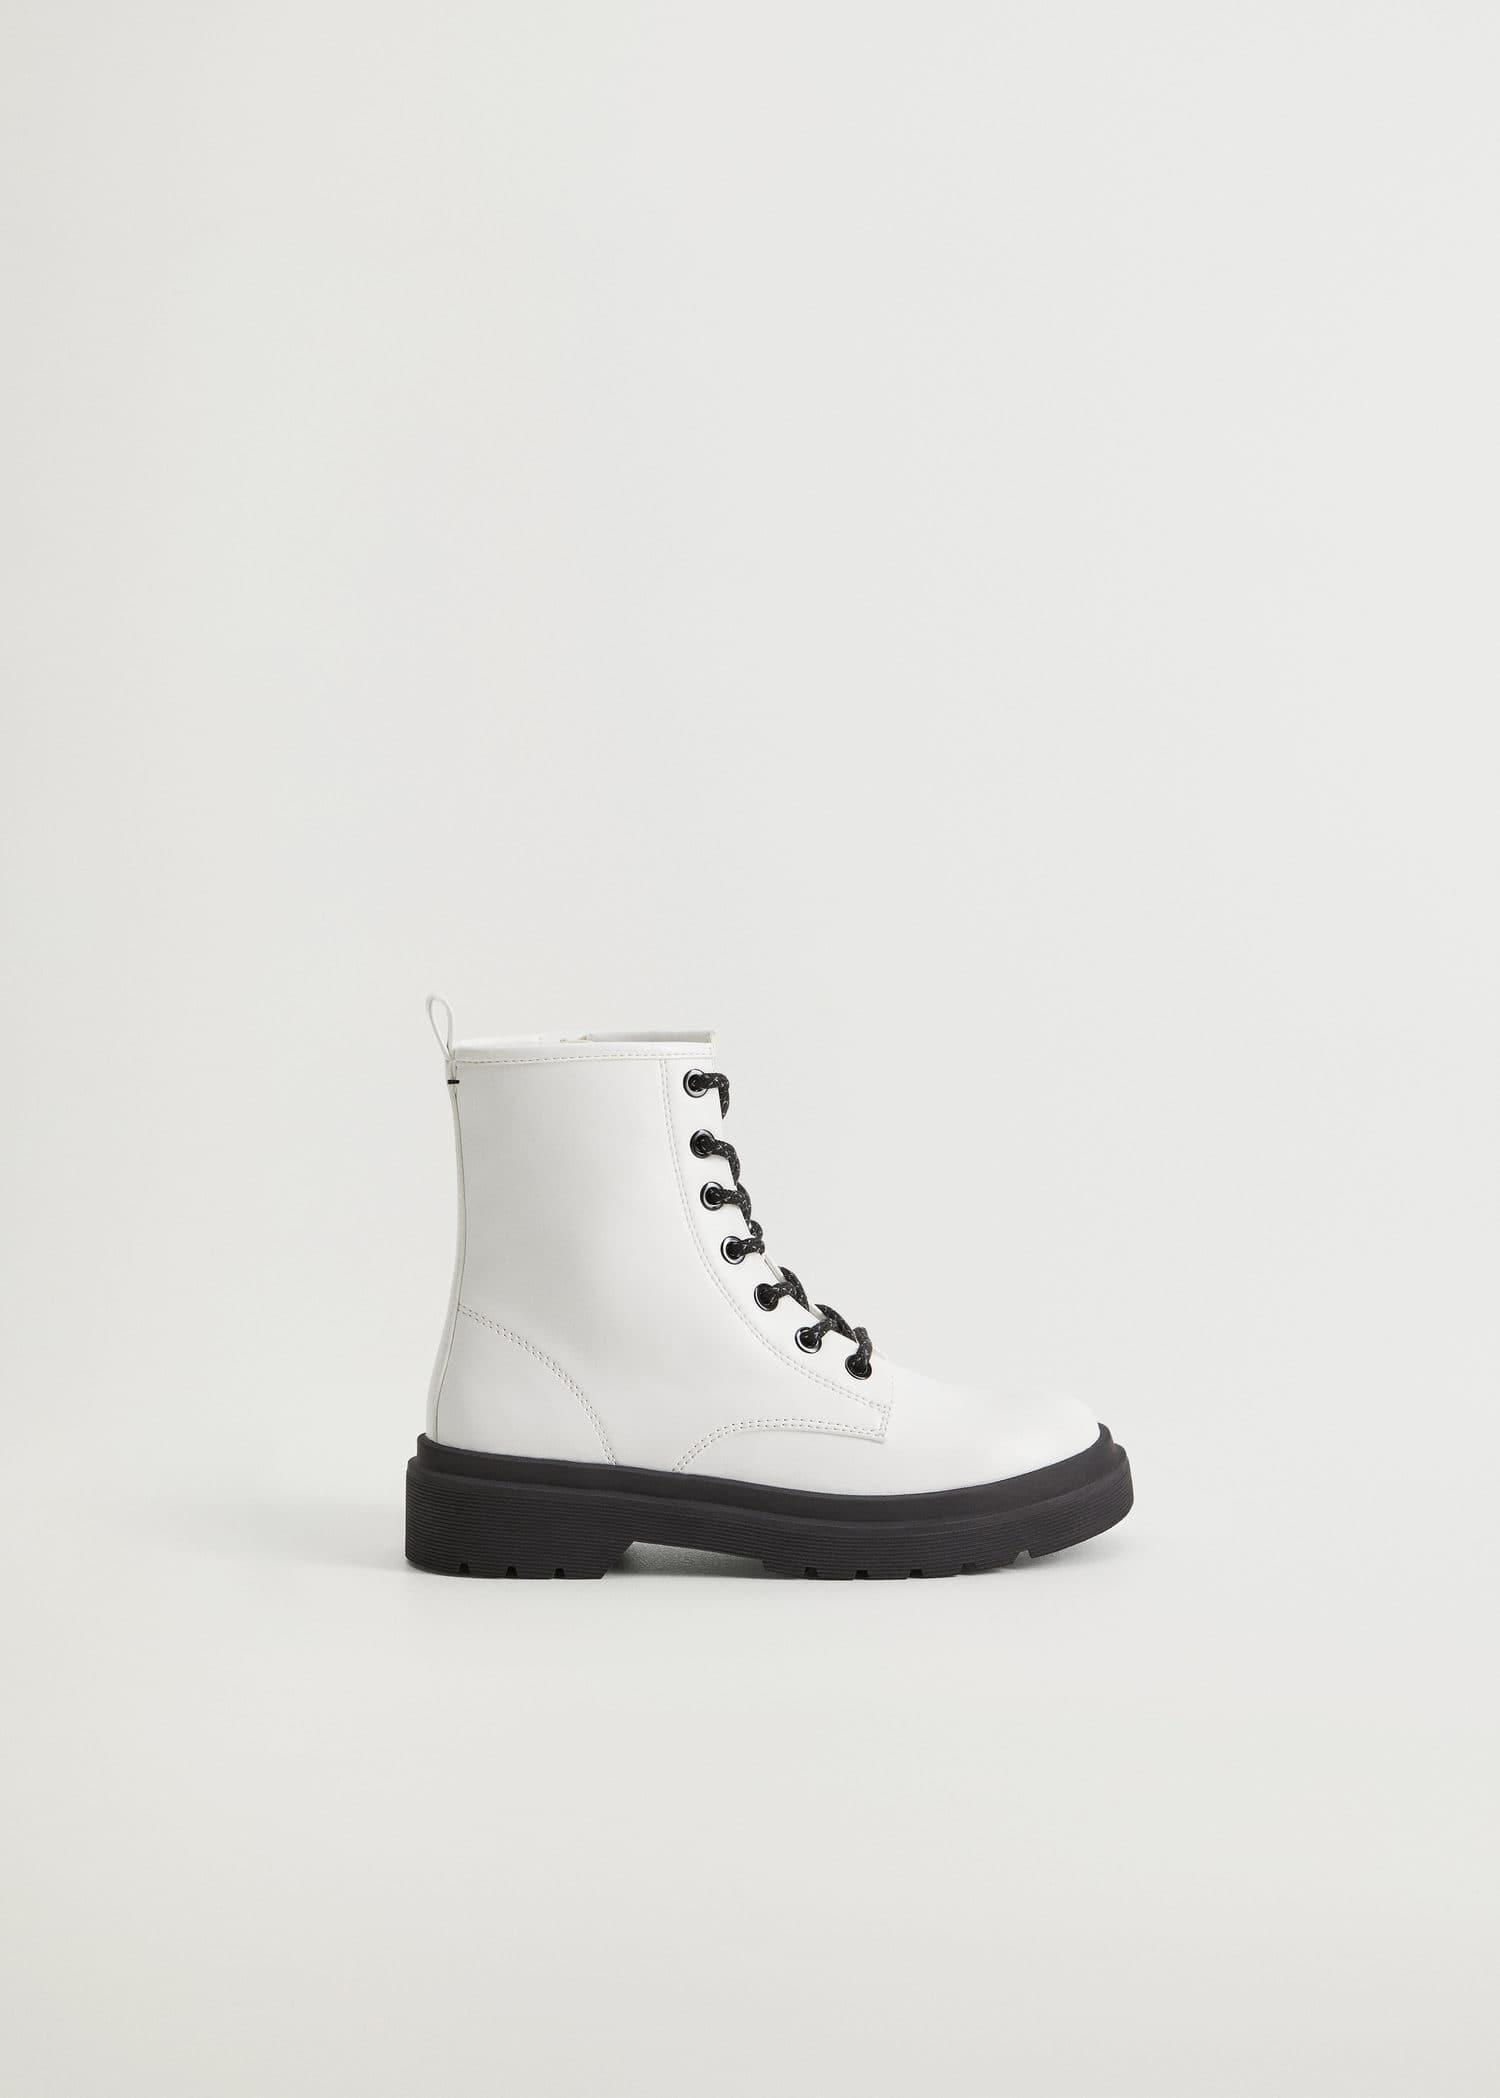 Lace-up boots - Girls | Mango Kids Kosovo